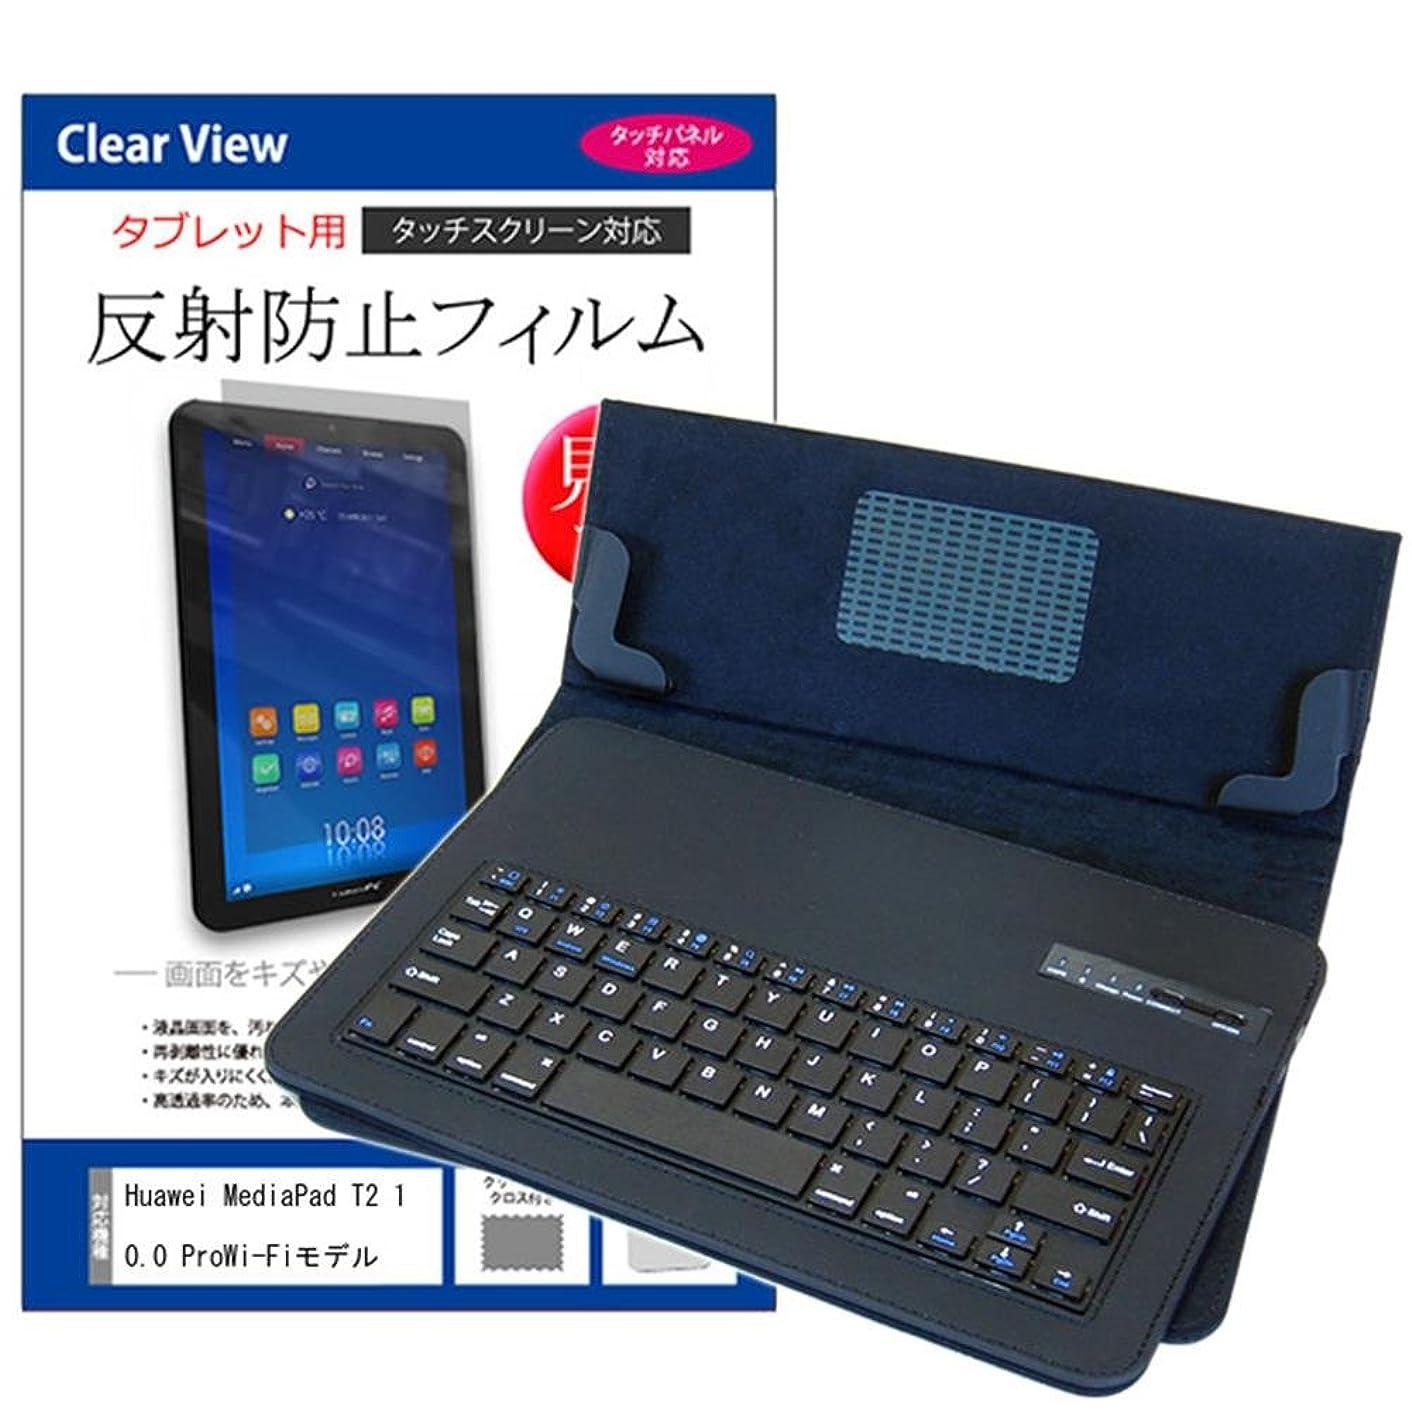 シャープばかげた平日メディアカバーマーケット Huawei MediaPad T2 10.0 Pro Wi-Fiモデル [10.1インチ(1920x1200)]機種用 【Bluetoothワイヤレスキーボード付き タブレットケース と 反射防止液晶保護フィルム のセット】